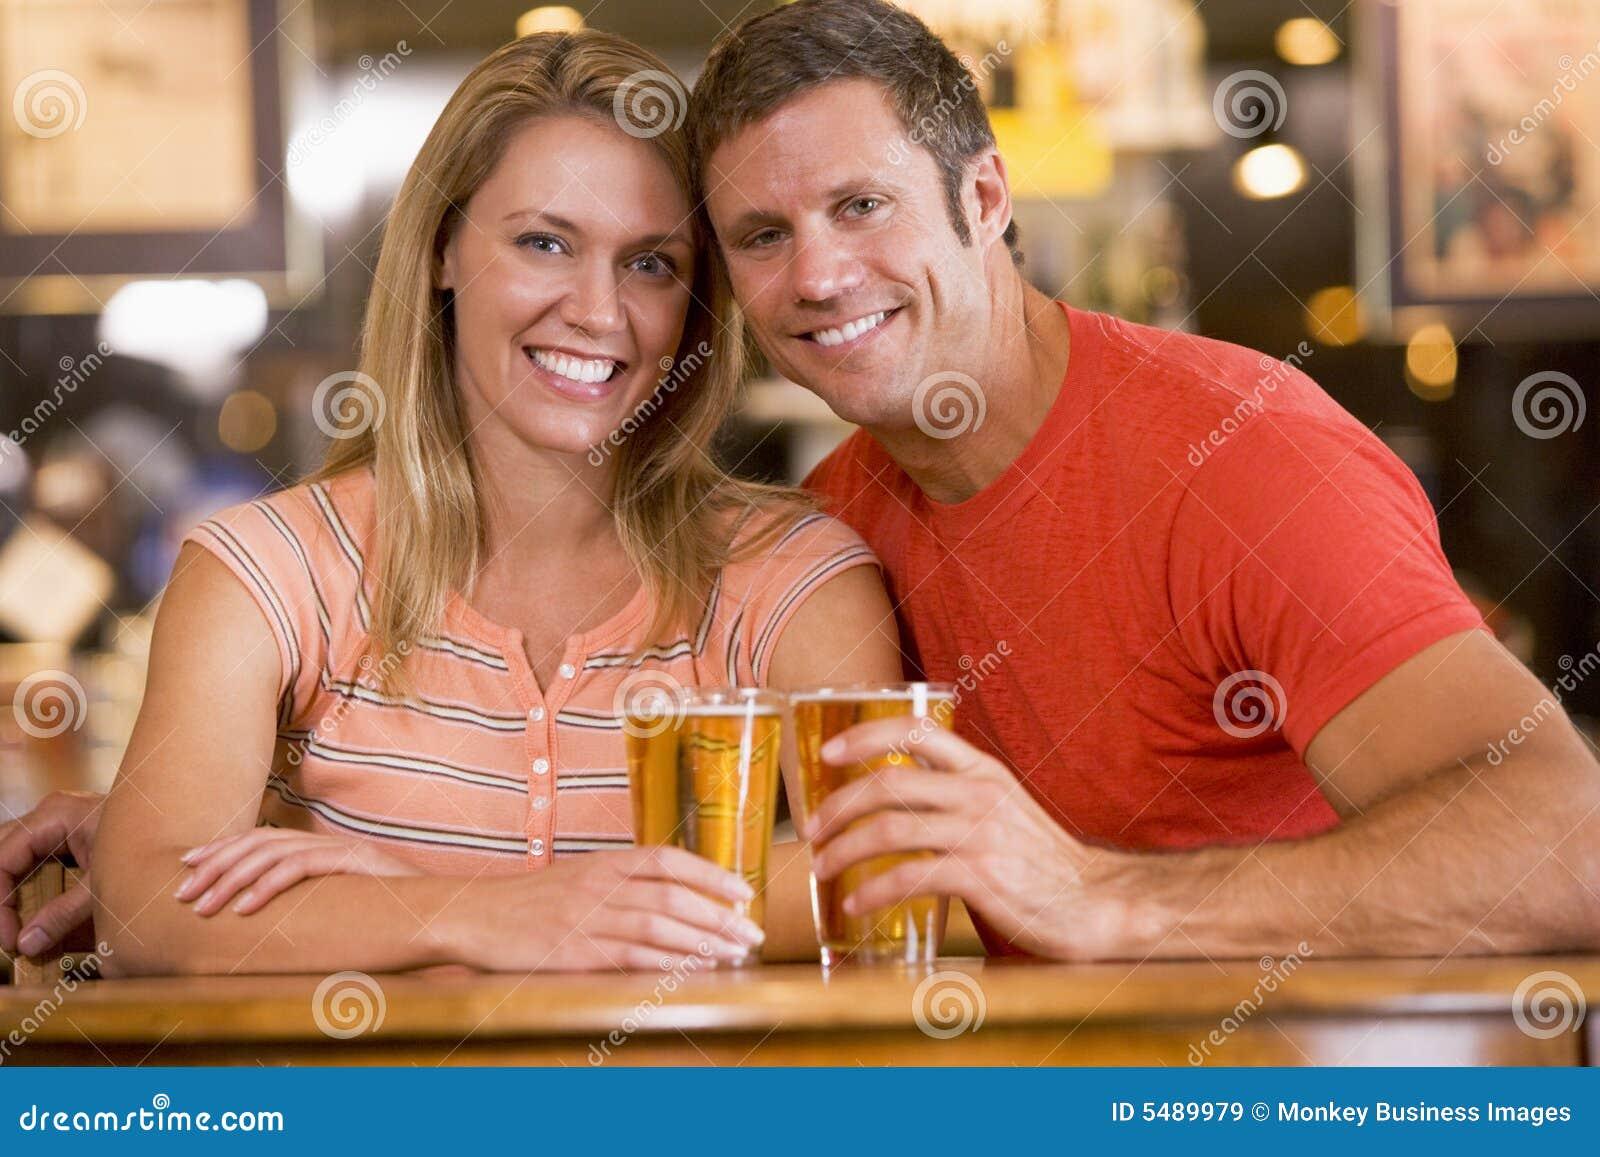 Glückliche junge Paare, die Biere an einem Stab essen